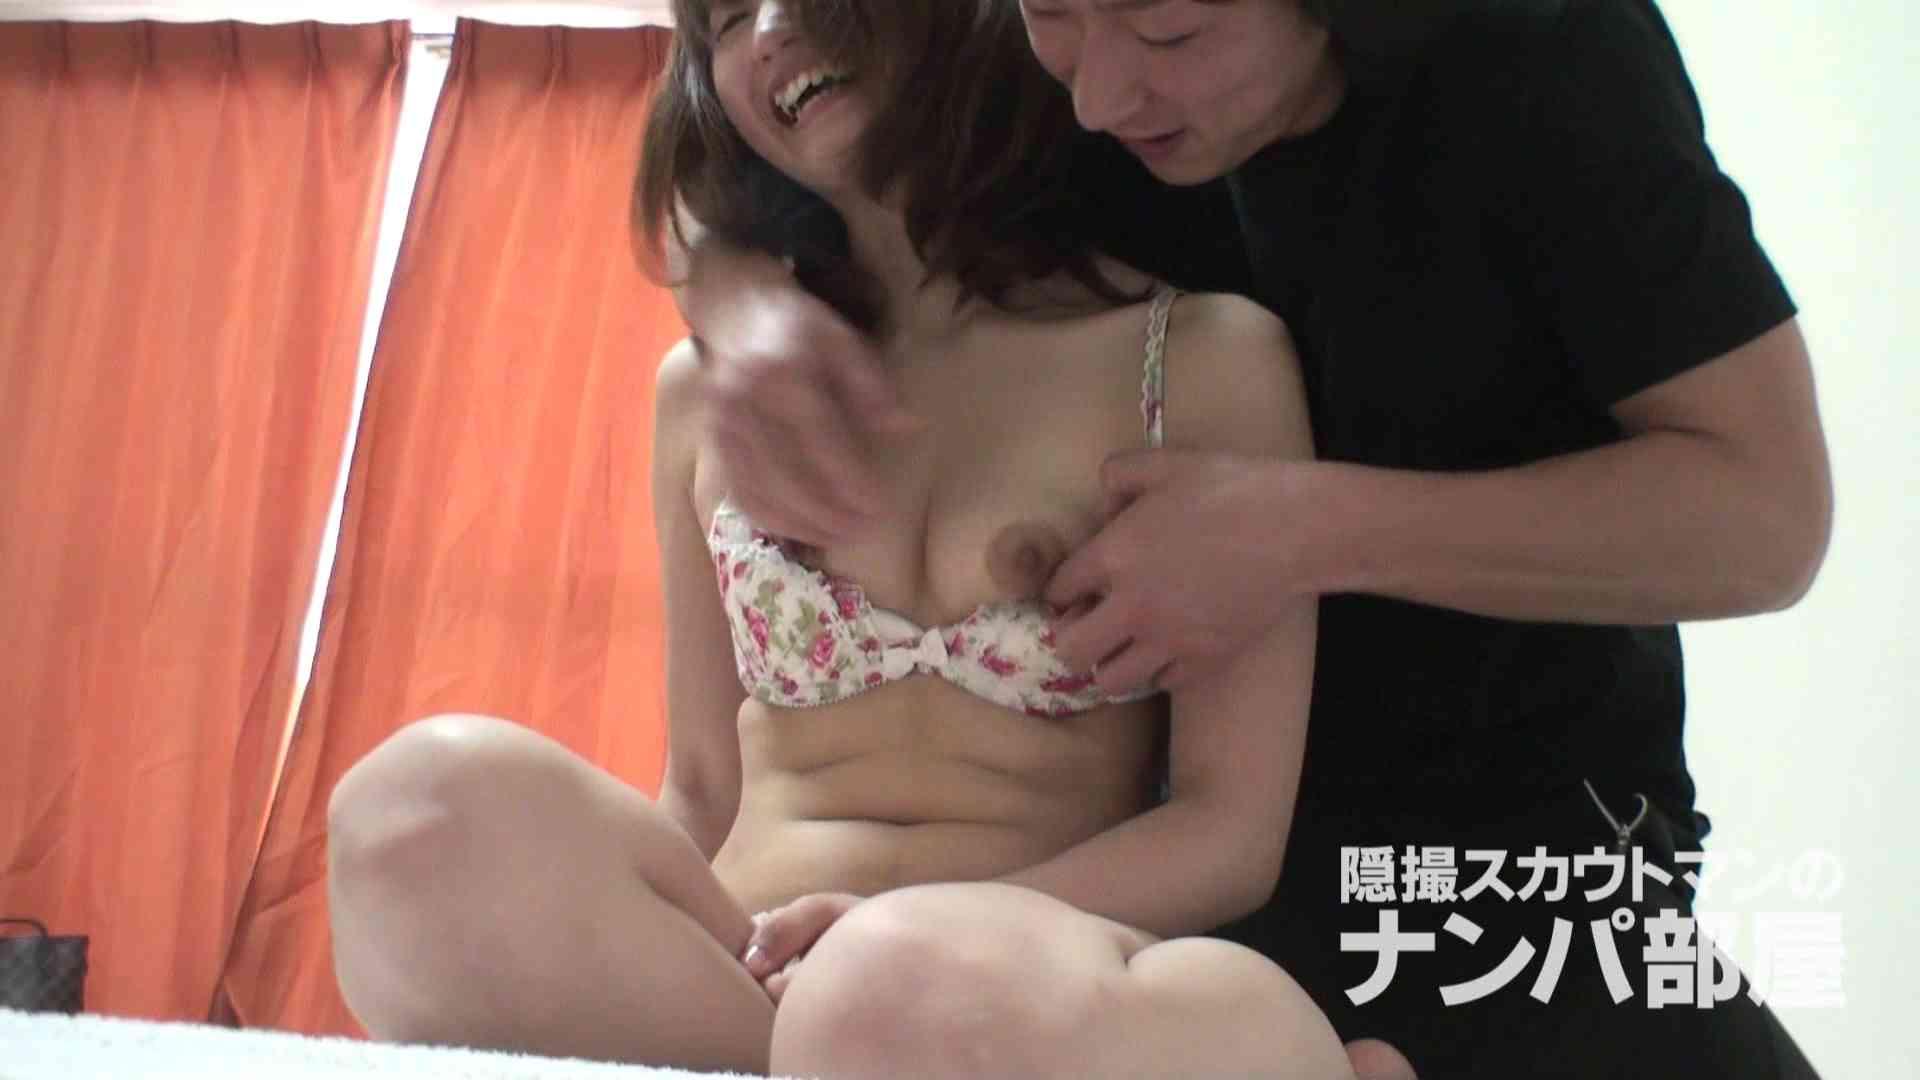 隠撮スカウトマンのナンパ部屋~風俗デビュー前のつまみ食い~ siivol.2 脱衣所 | 隠撮  110枚 77